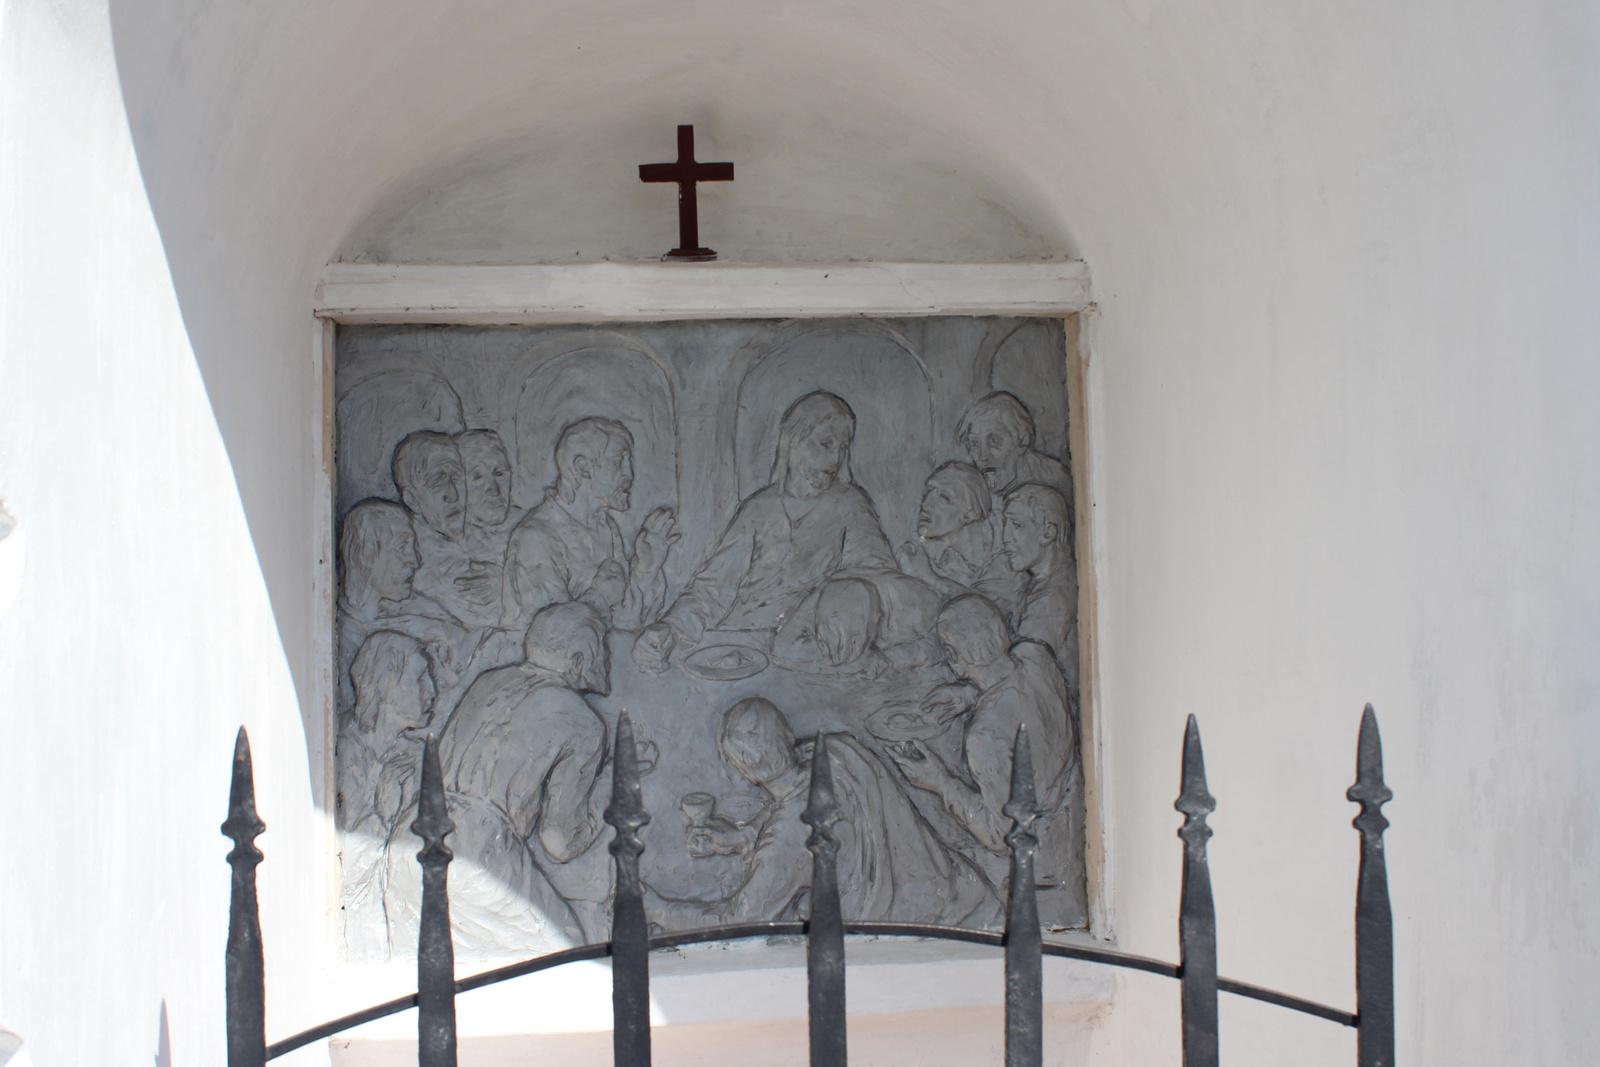 20170402-93-Varoslod-Kalvaria